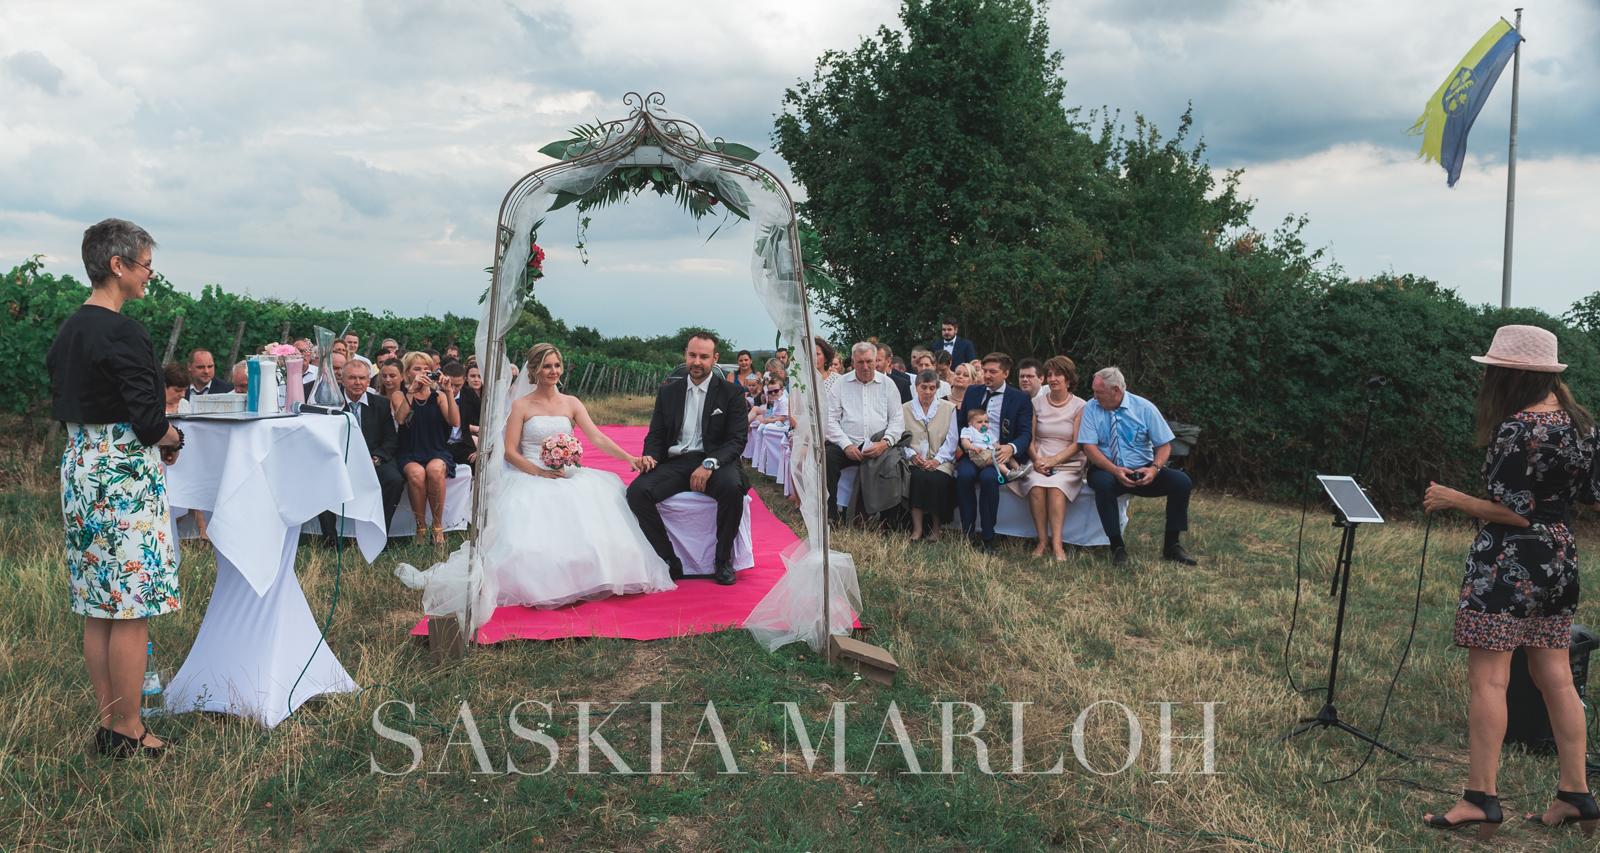 WEINGUT-GEORG-MÜLLER-CLUB-PRESTIGE-DE-LUXE-HOCHZEIT-WEDDING-PHOTO-FOTO-SASKIA-MARLOH-edit-168